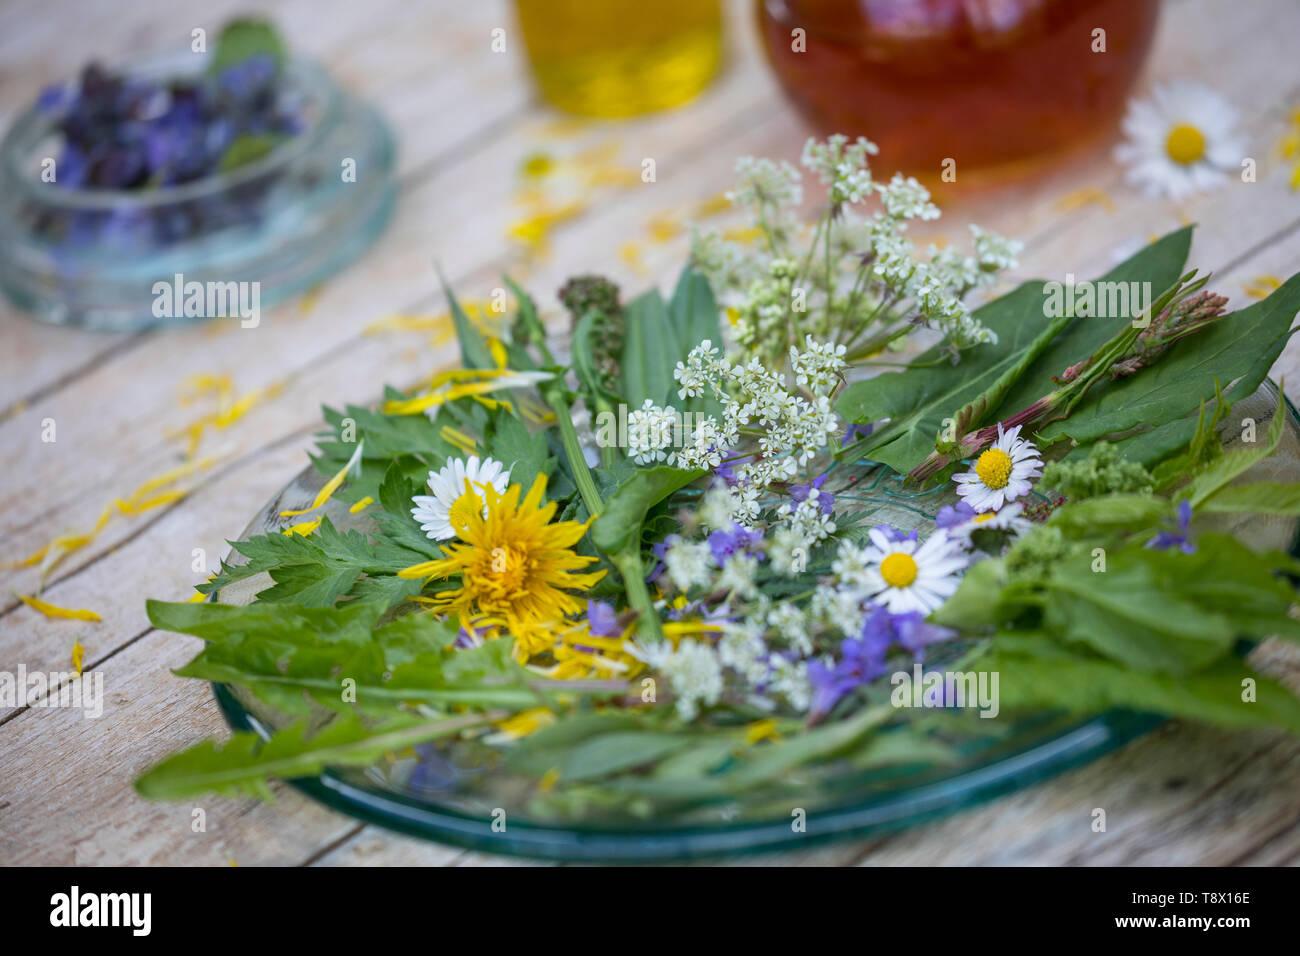 Frühlingssalat, Wildkräutersalat, Frühjahrssalat, Frühlings-Salat, Wildkräuter-Salat, Frühjahrs-Salat, Salat aus Wildkräutern, Kräutern, Salatteller, Stockbild